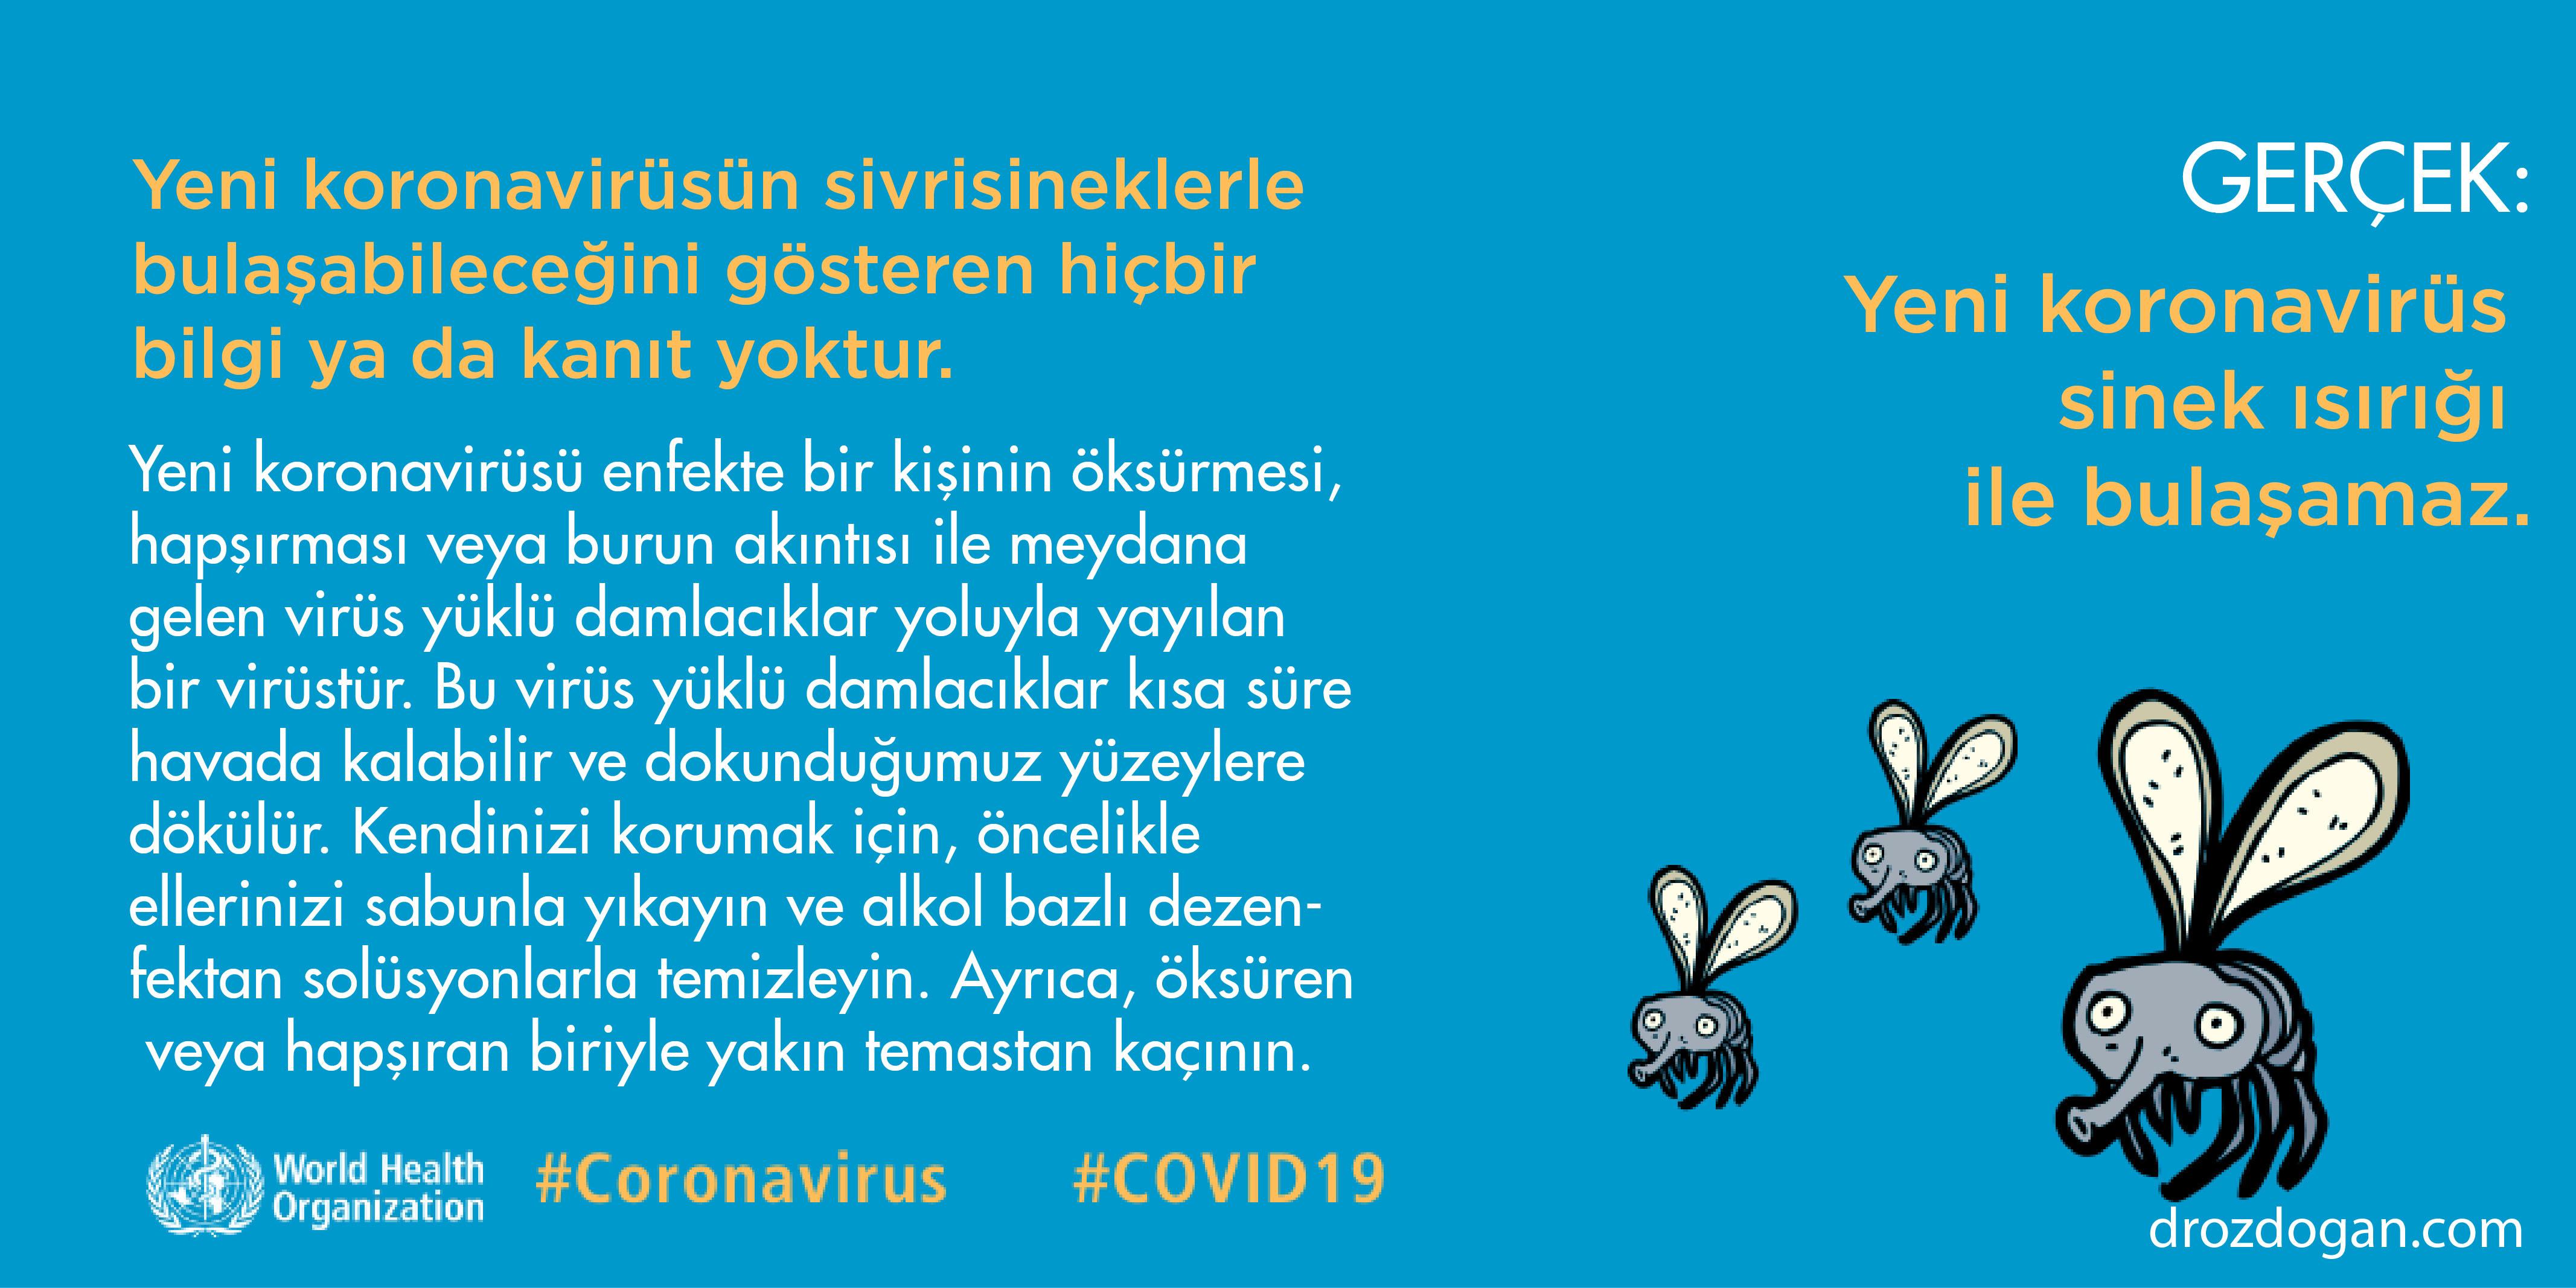 yeni koronavirüs sivrisinekle bulaşır mı